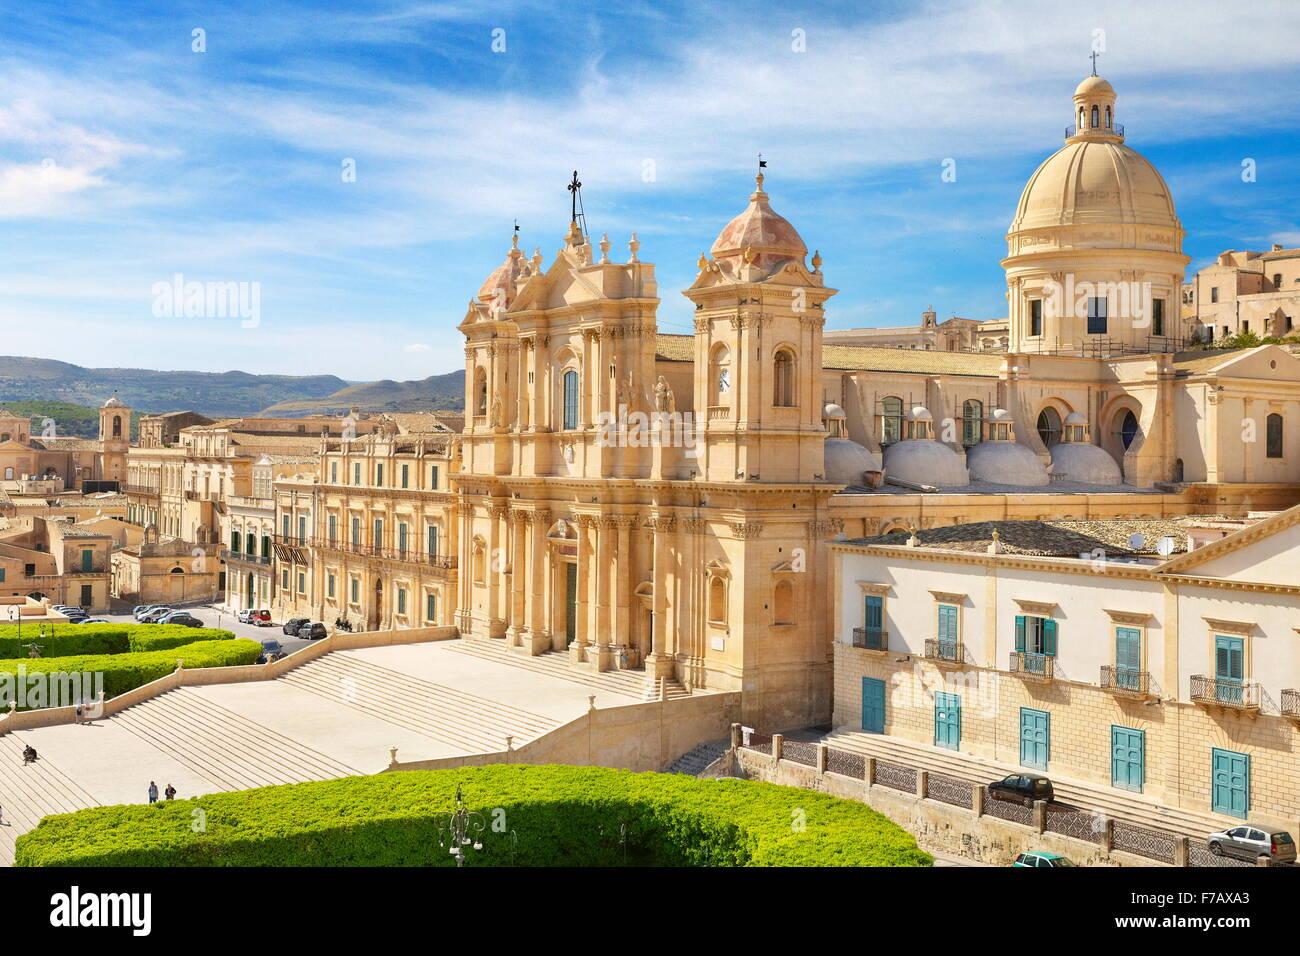 Noto cattedrale barocca di San Nicolo, noto centro storico, Sicilia, Italia UNESCO Immagini Stock